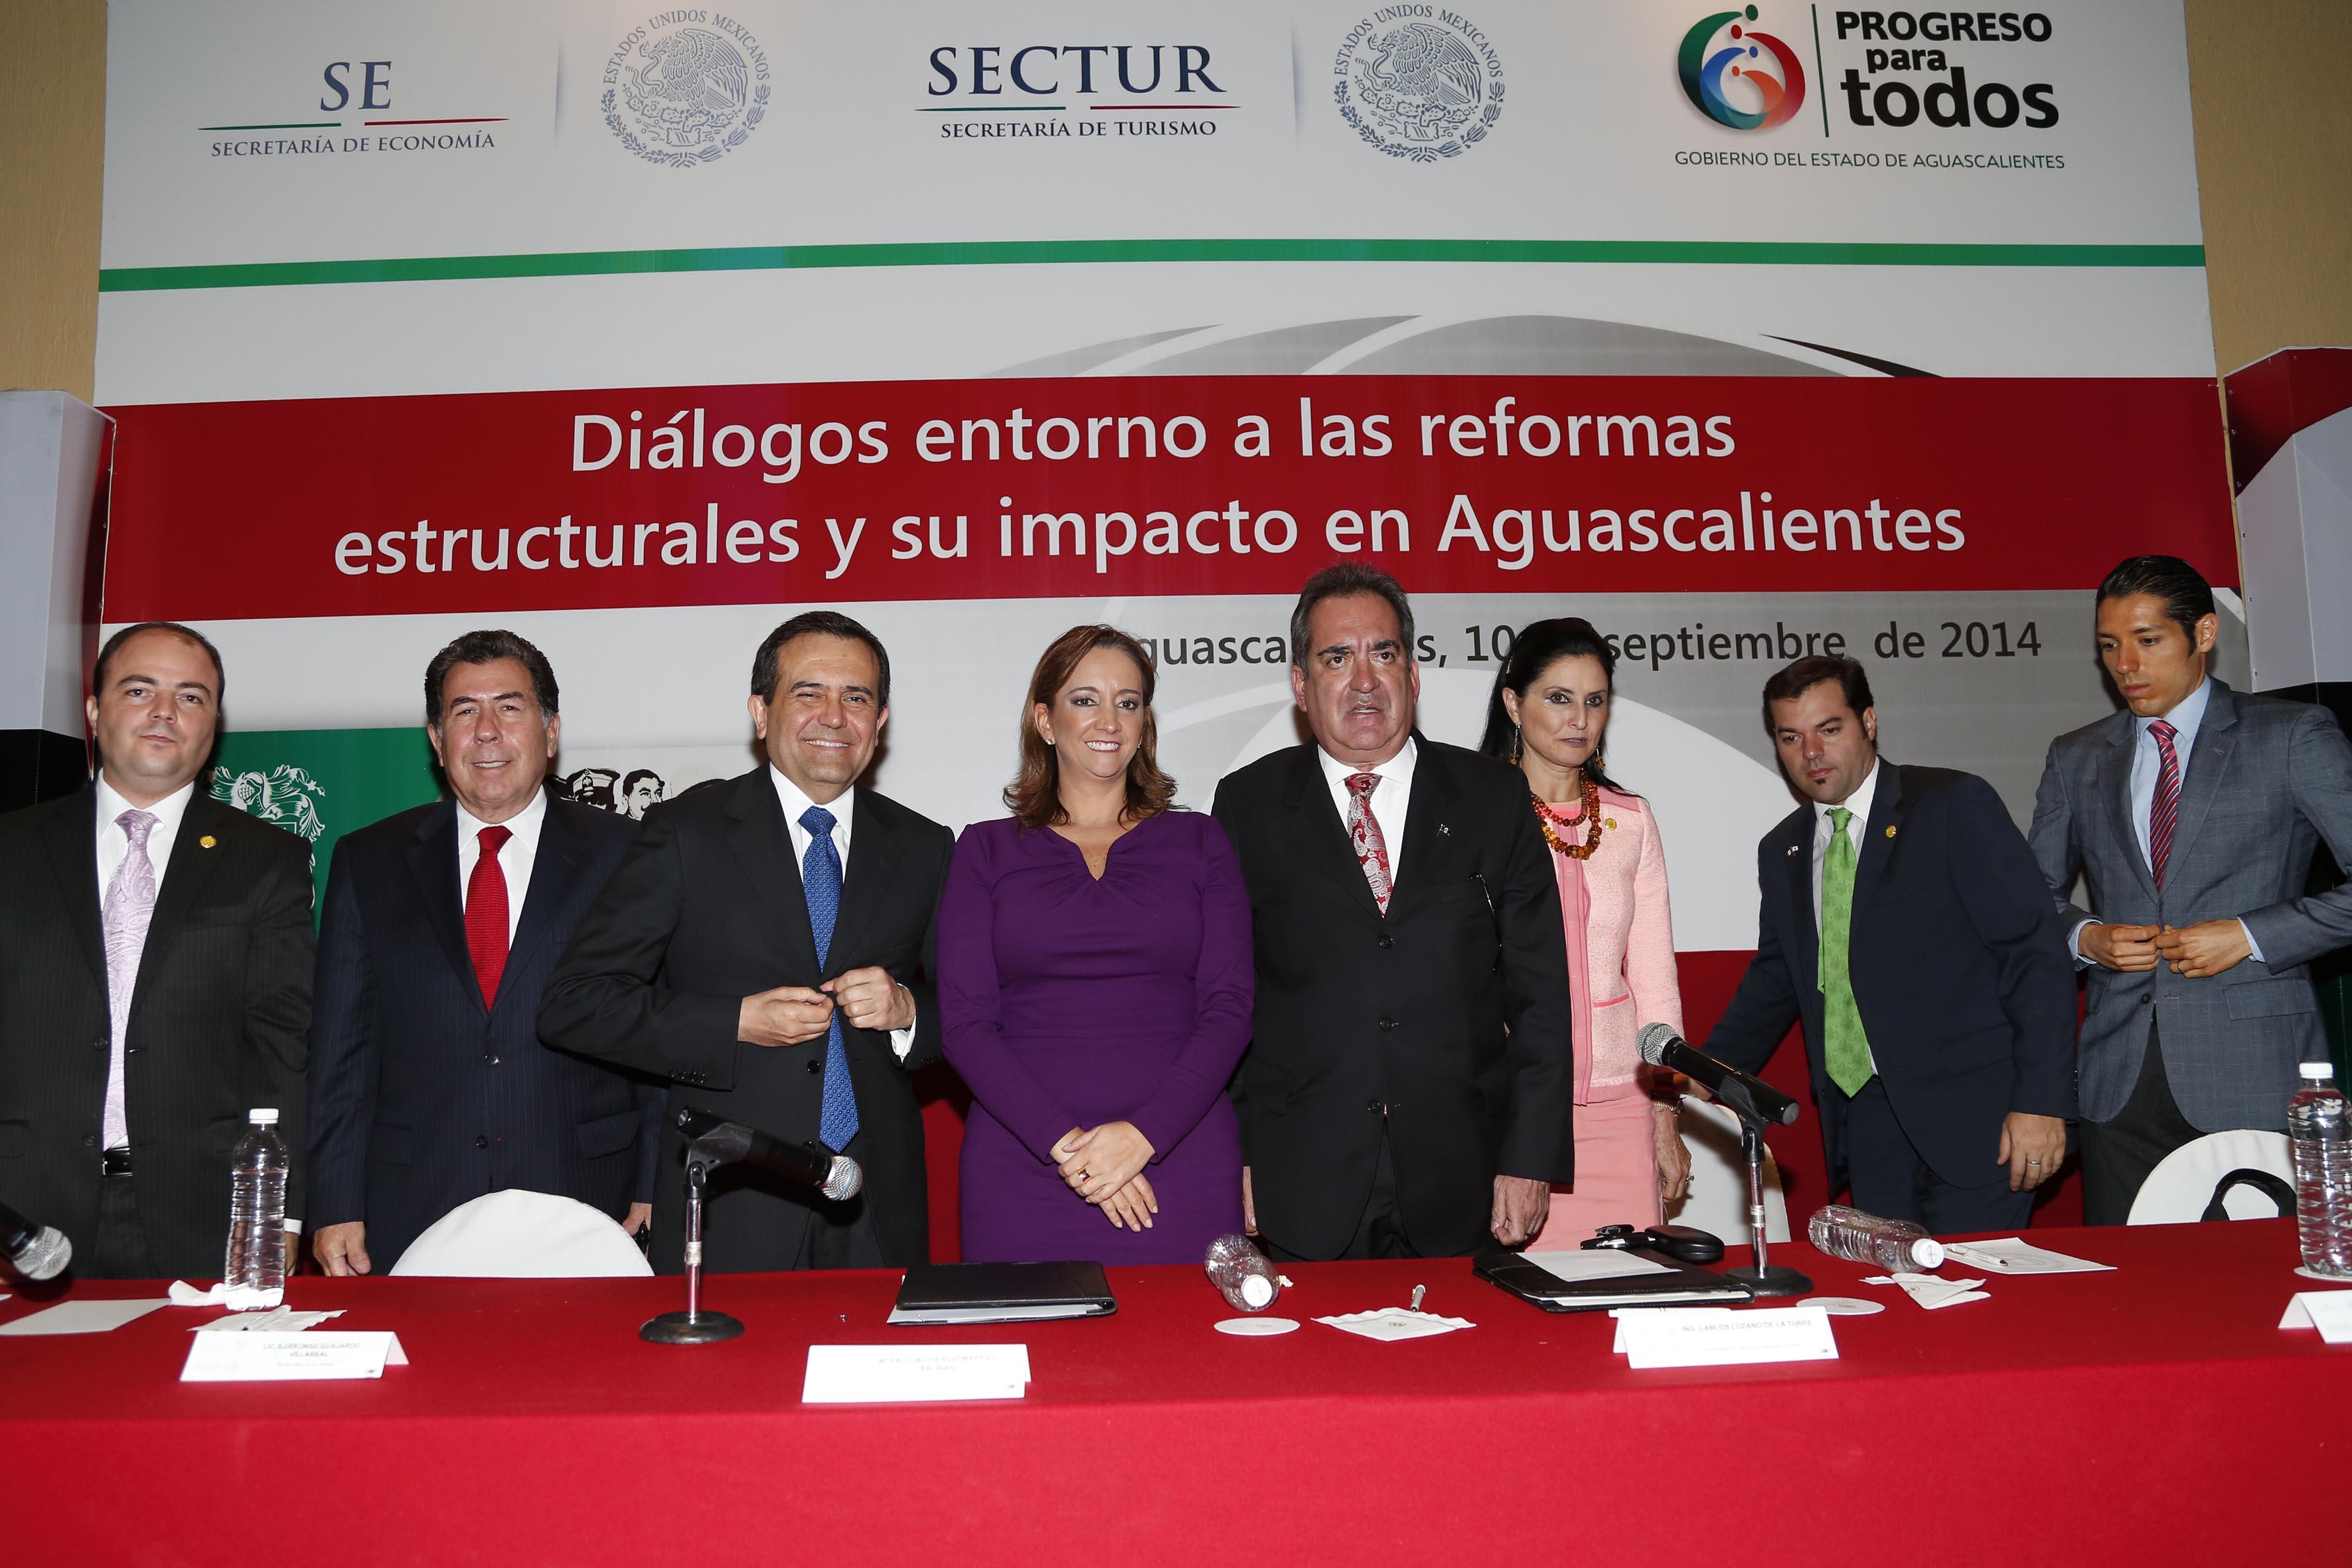 secretaria turismo dialogos reformas estructuralesjpg